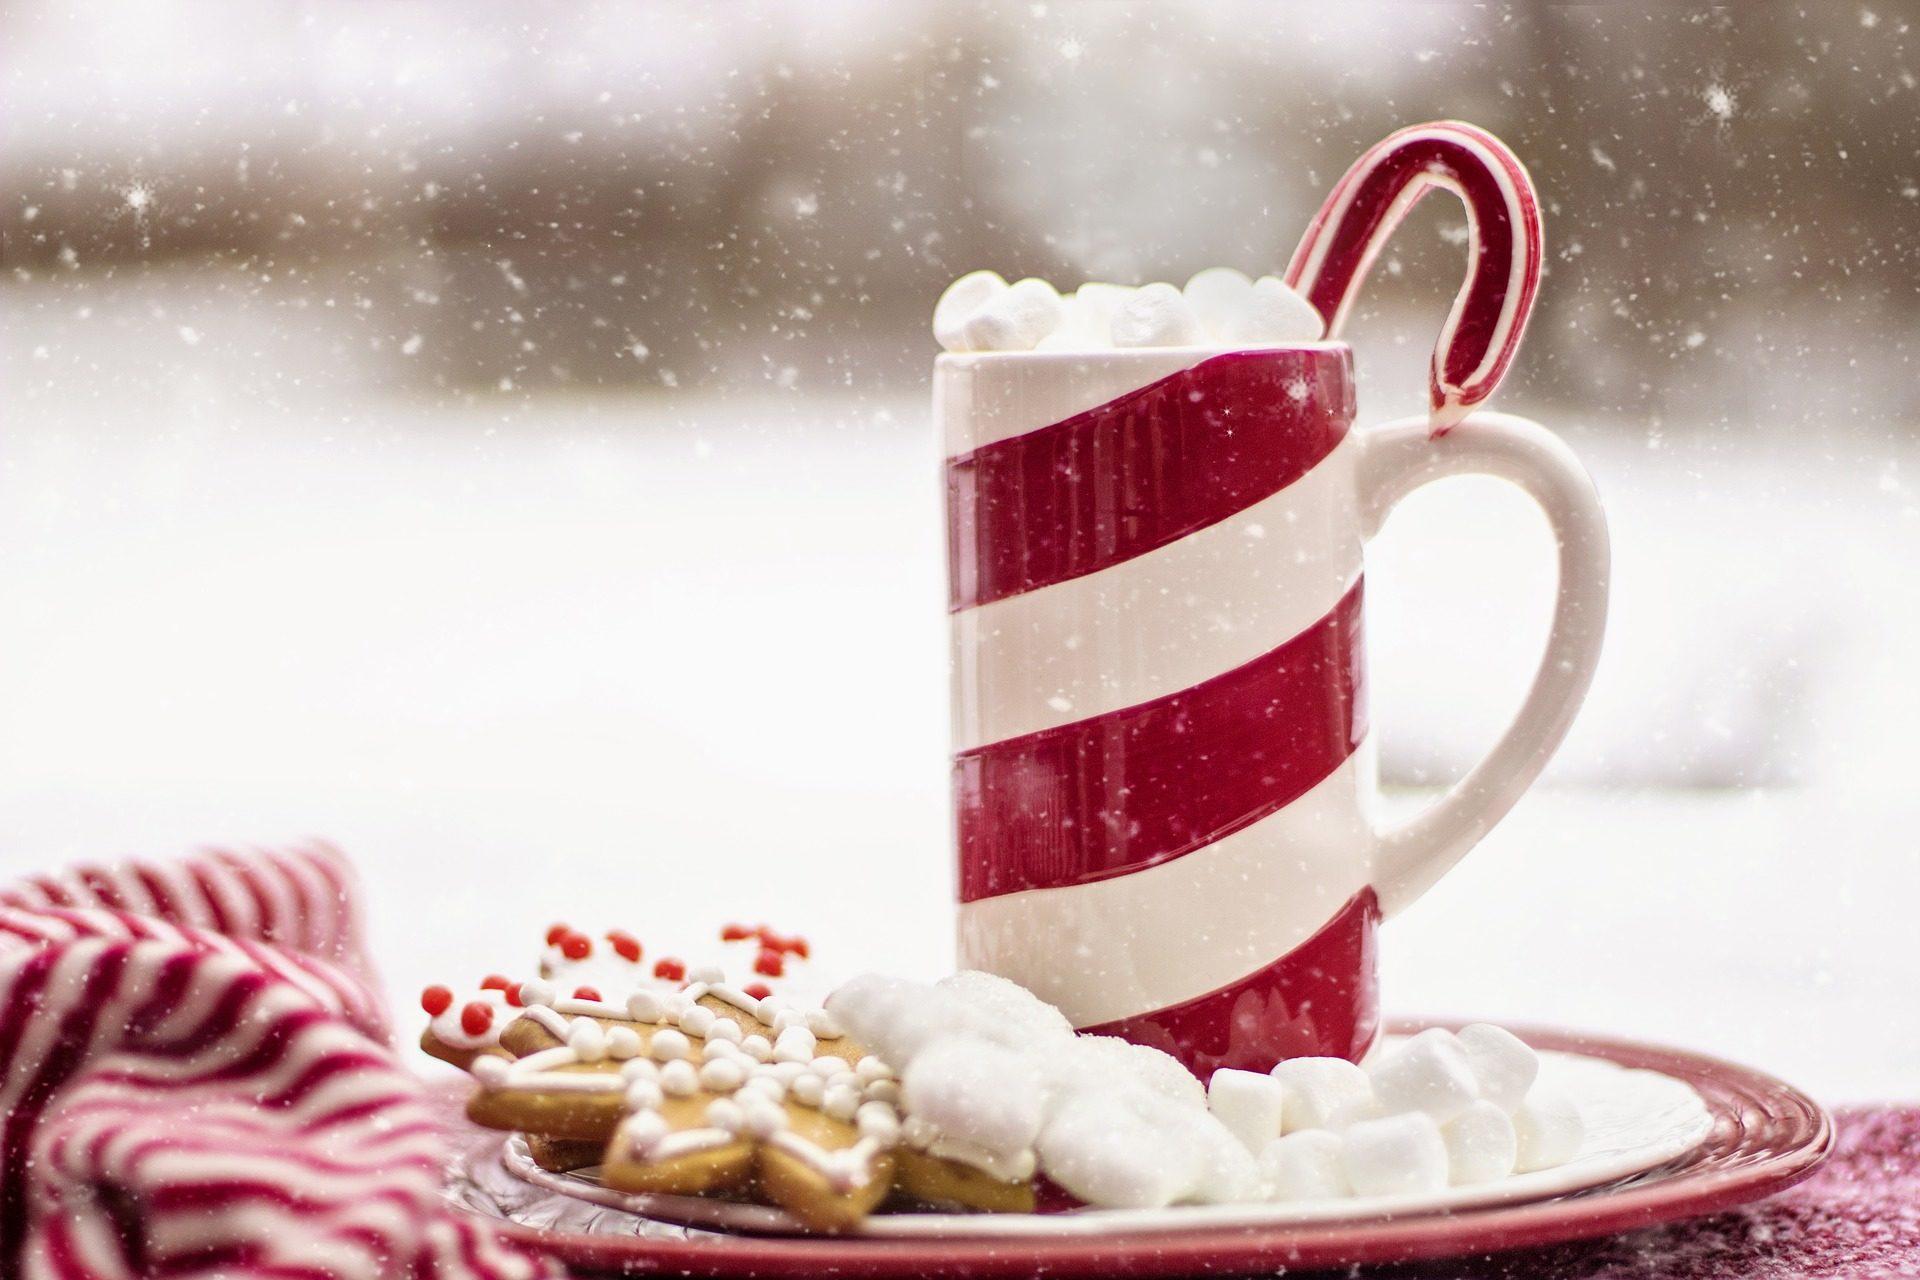 Κύπελλο, ζαχαροκάλαμο, τα cookies, χιόνι, Χριστούγεννα - Wallpapers HD - Professor-falken.com